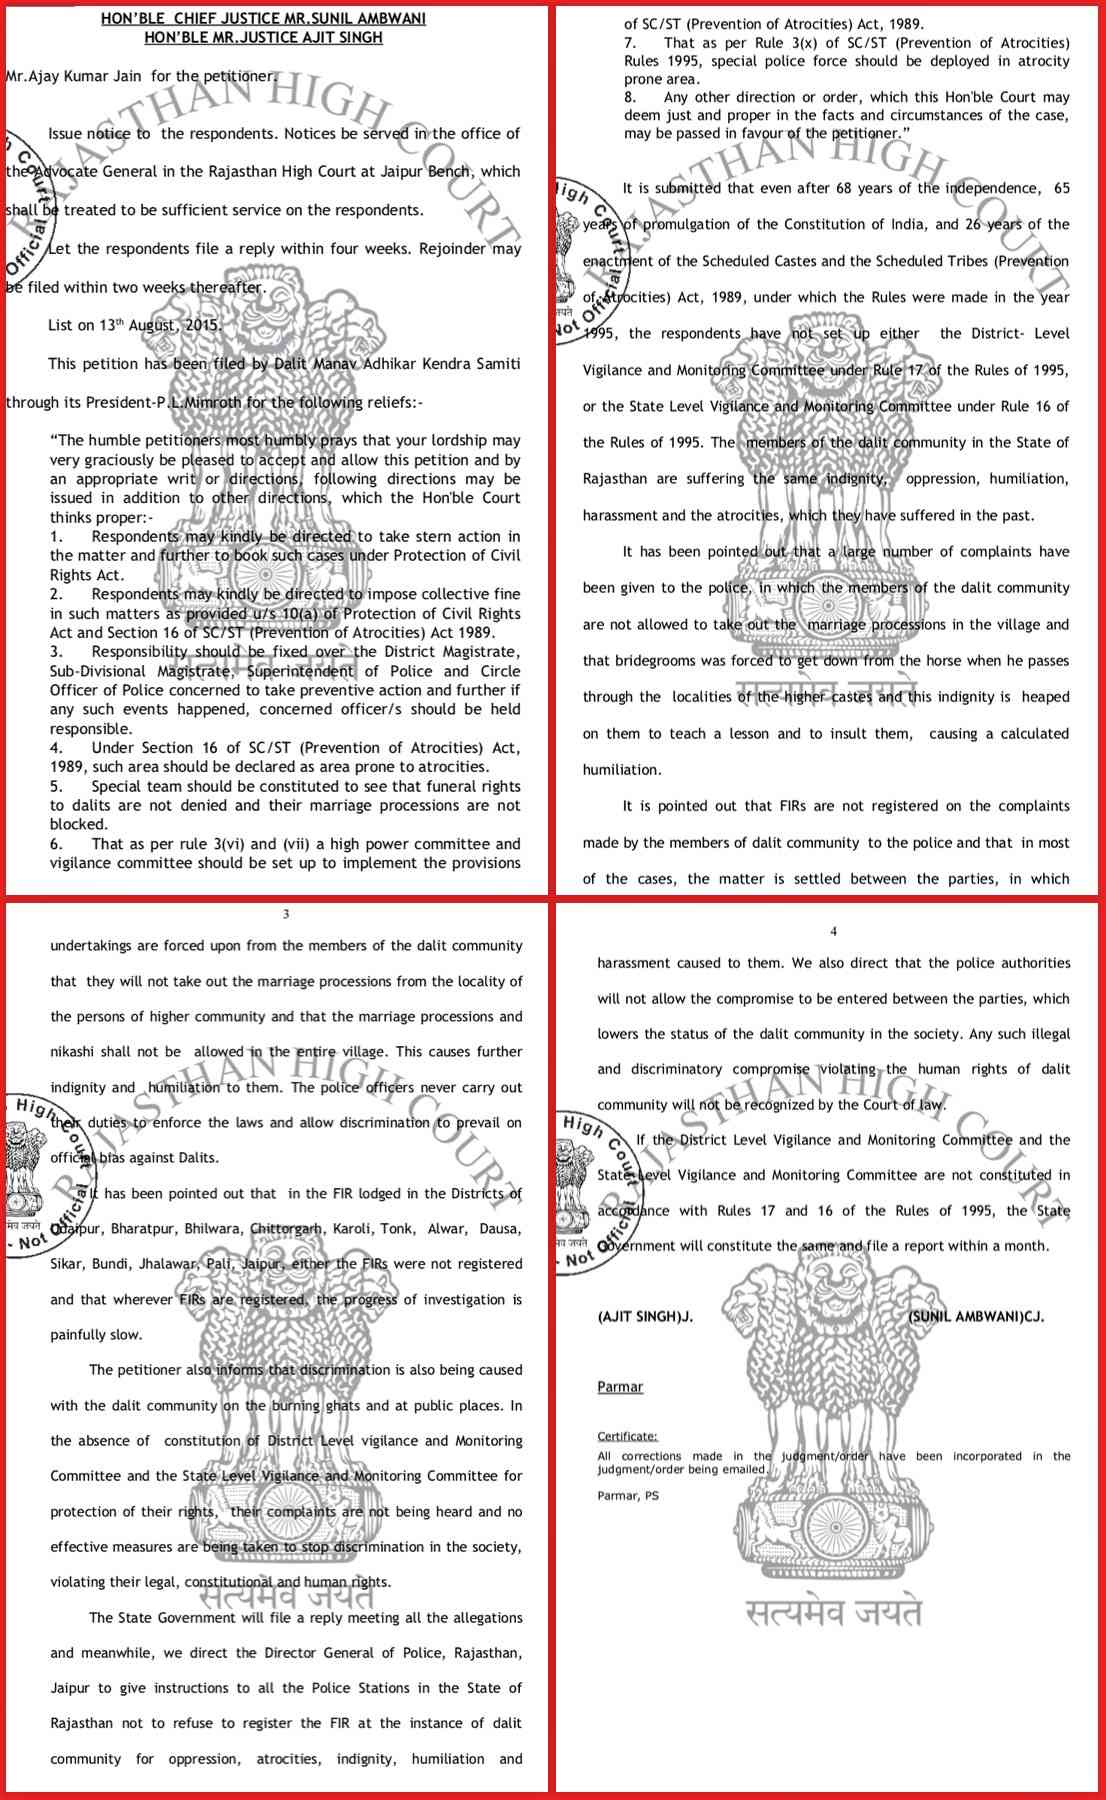 सतीश कुमार द्वारा दायर जनहित याचिका पर हाईकोर्ट का फैसला